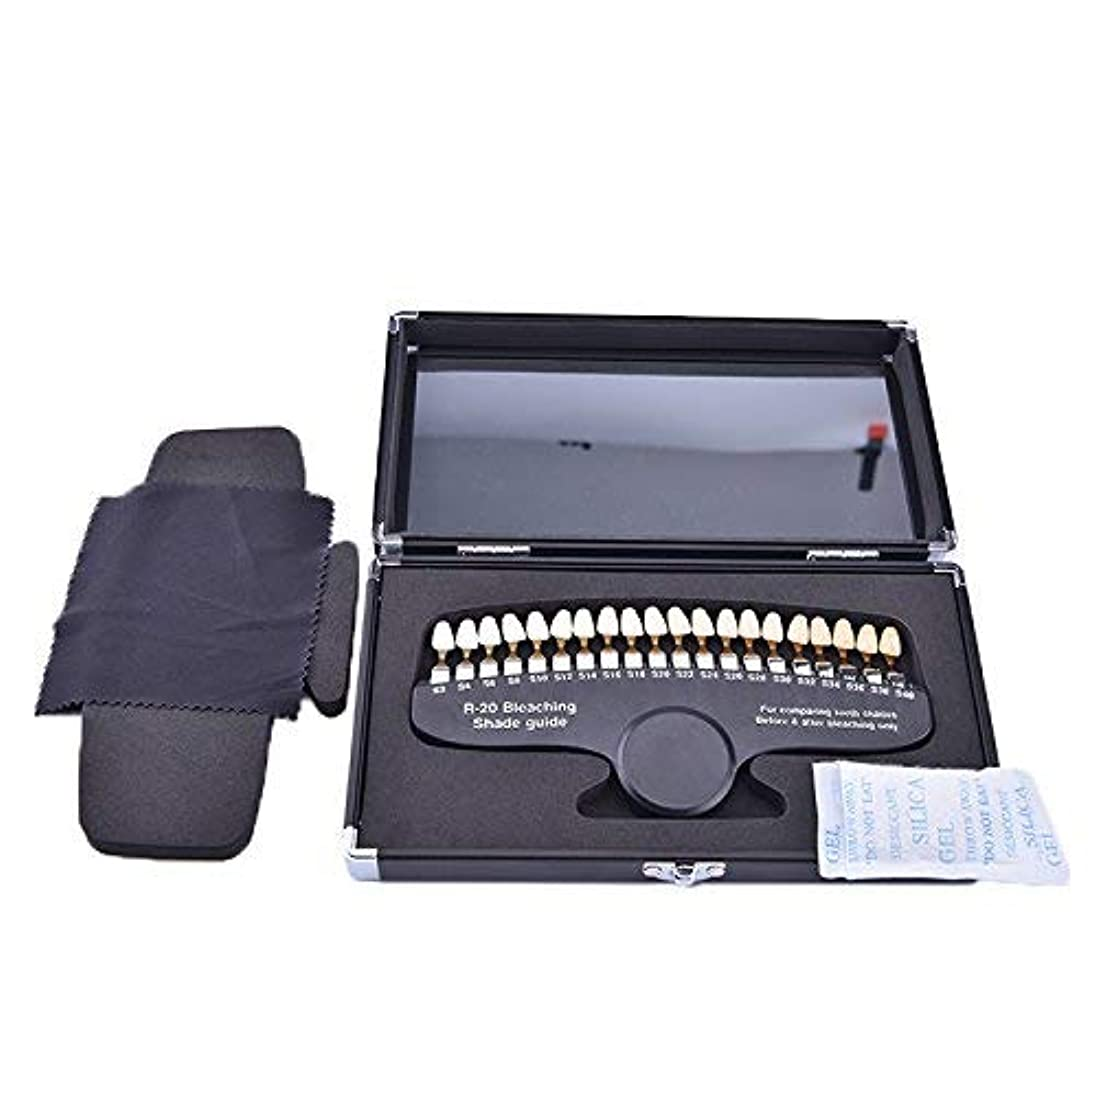 レパートリー端末くるみデンタル ホワイトニング シェード ガイドー 20色デンタル専用抜ける歯列模型ボード 鏡付き